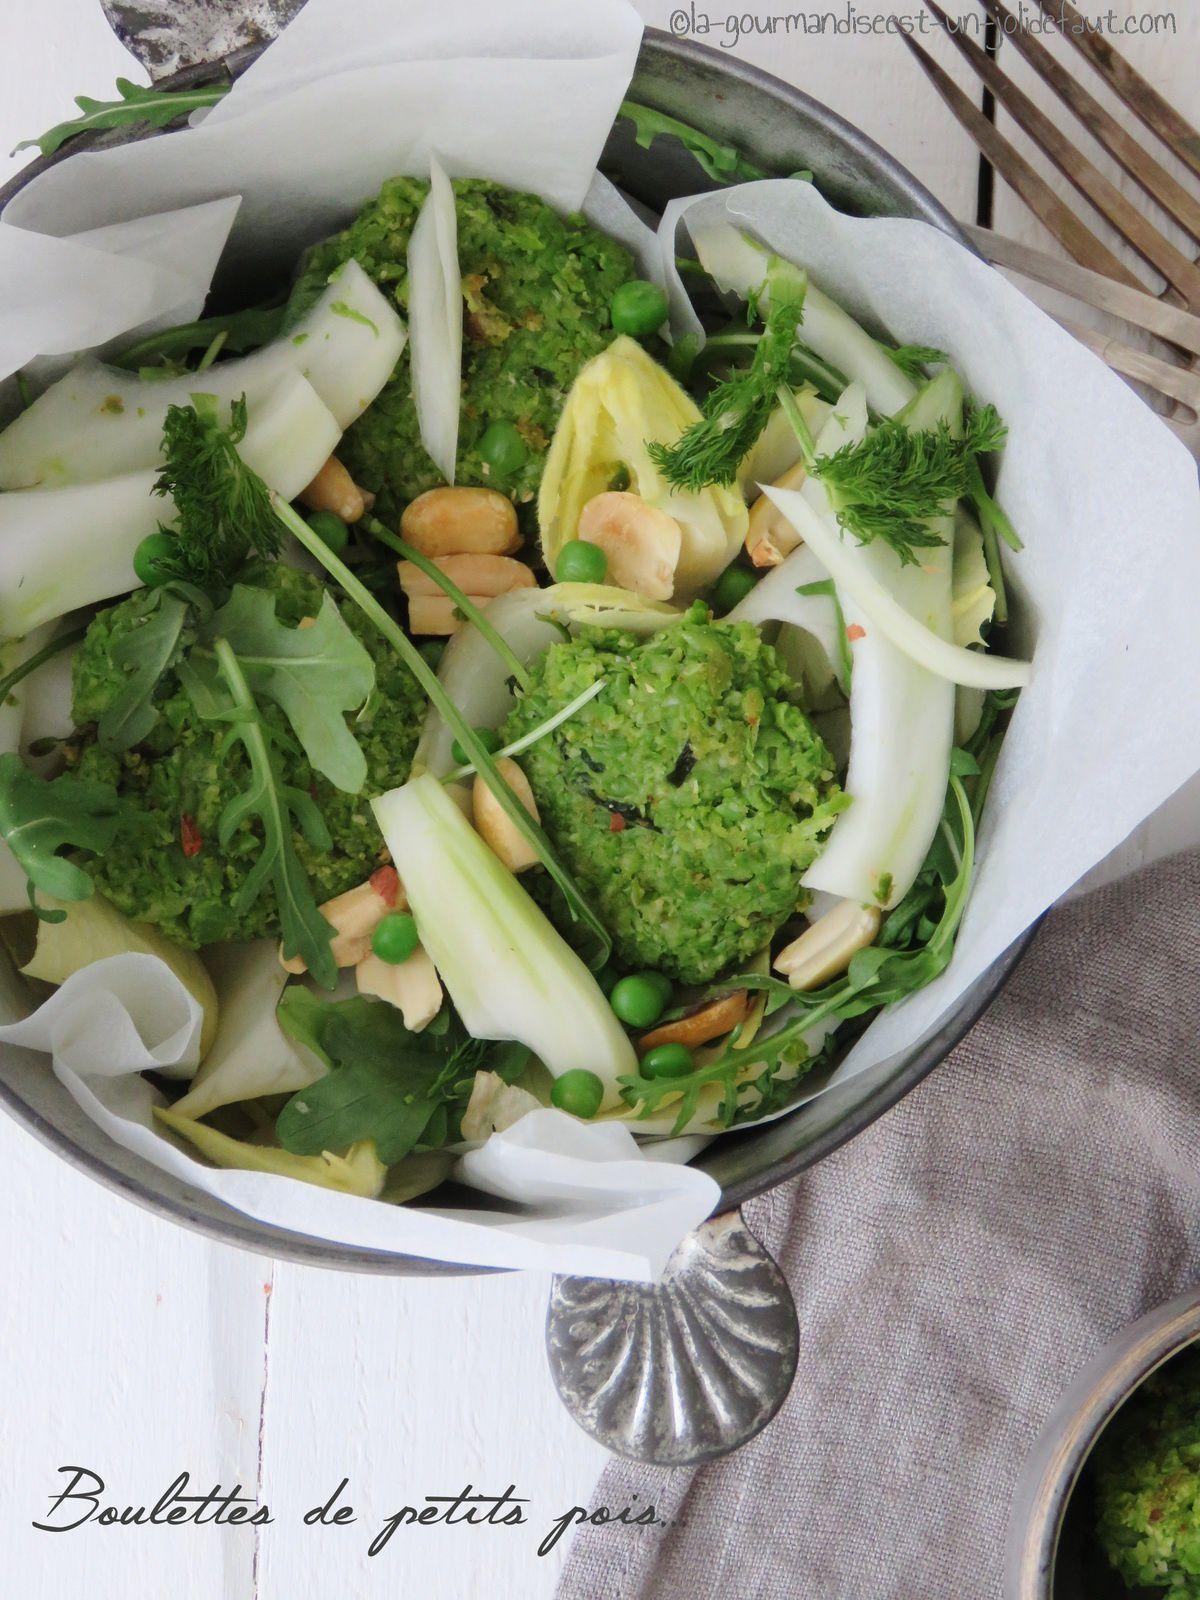 Boulettes de petits pois à l'estragon et bonus salade